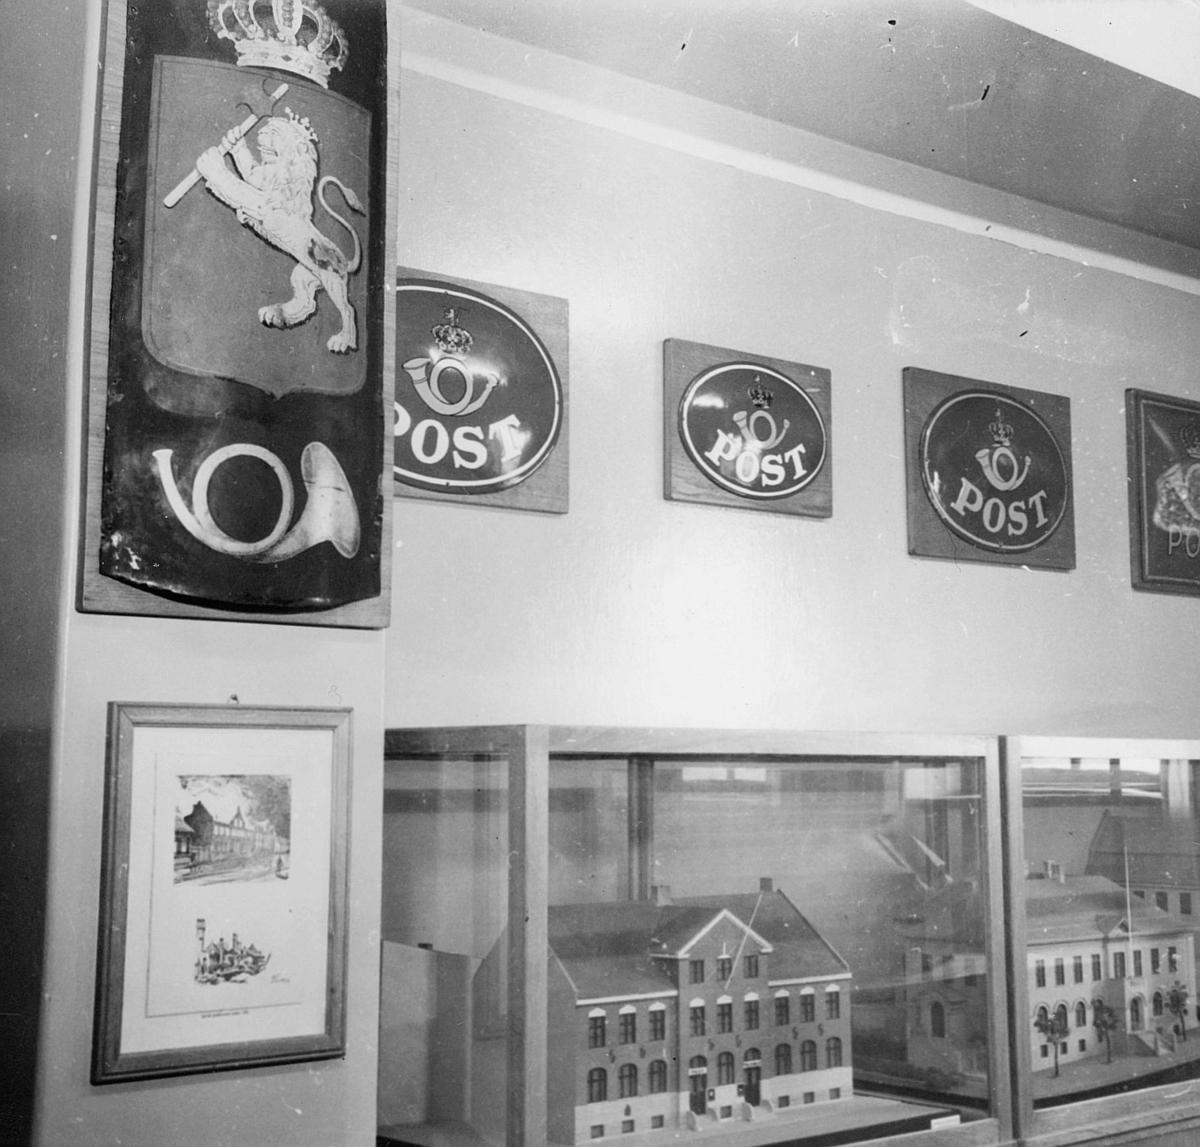 postmuseet, 7. etasje, Dronningensgate 15, postskilt, husmodell i montre